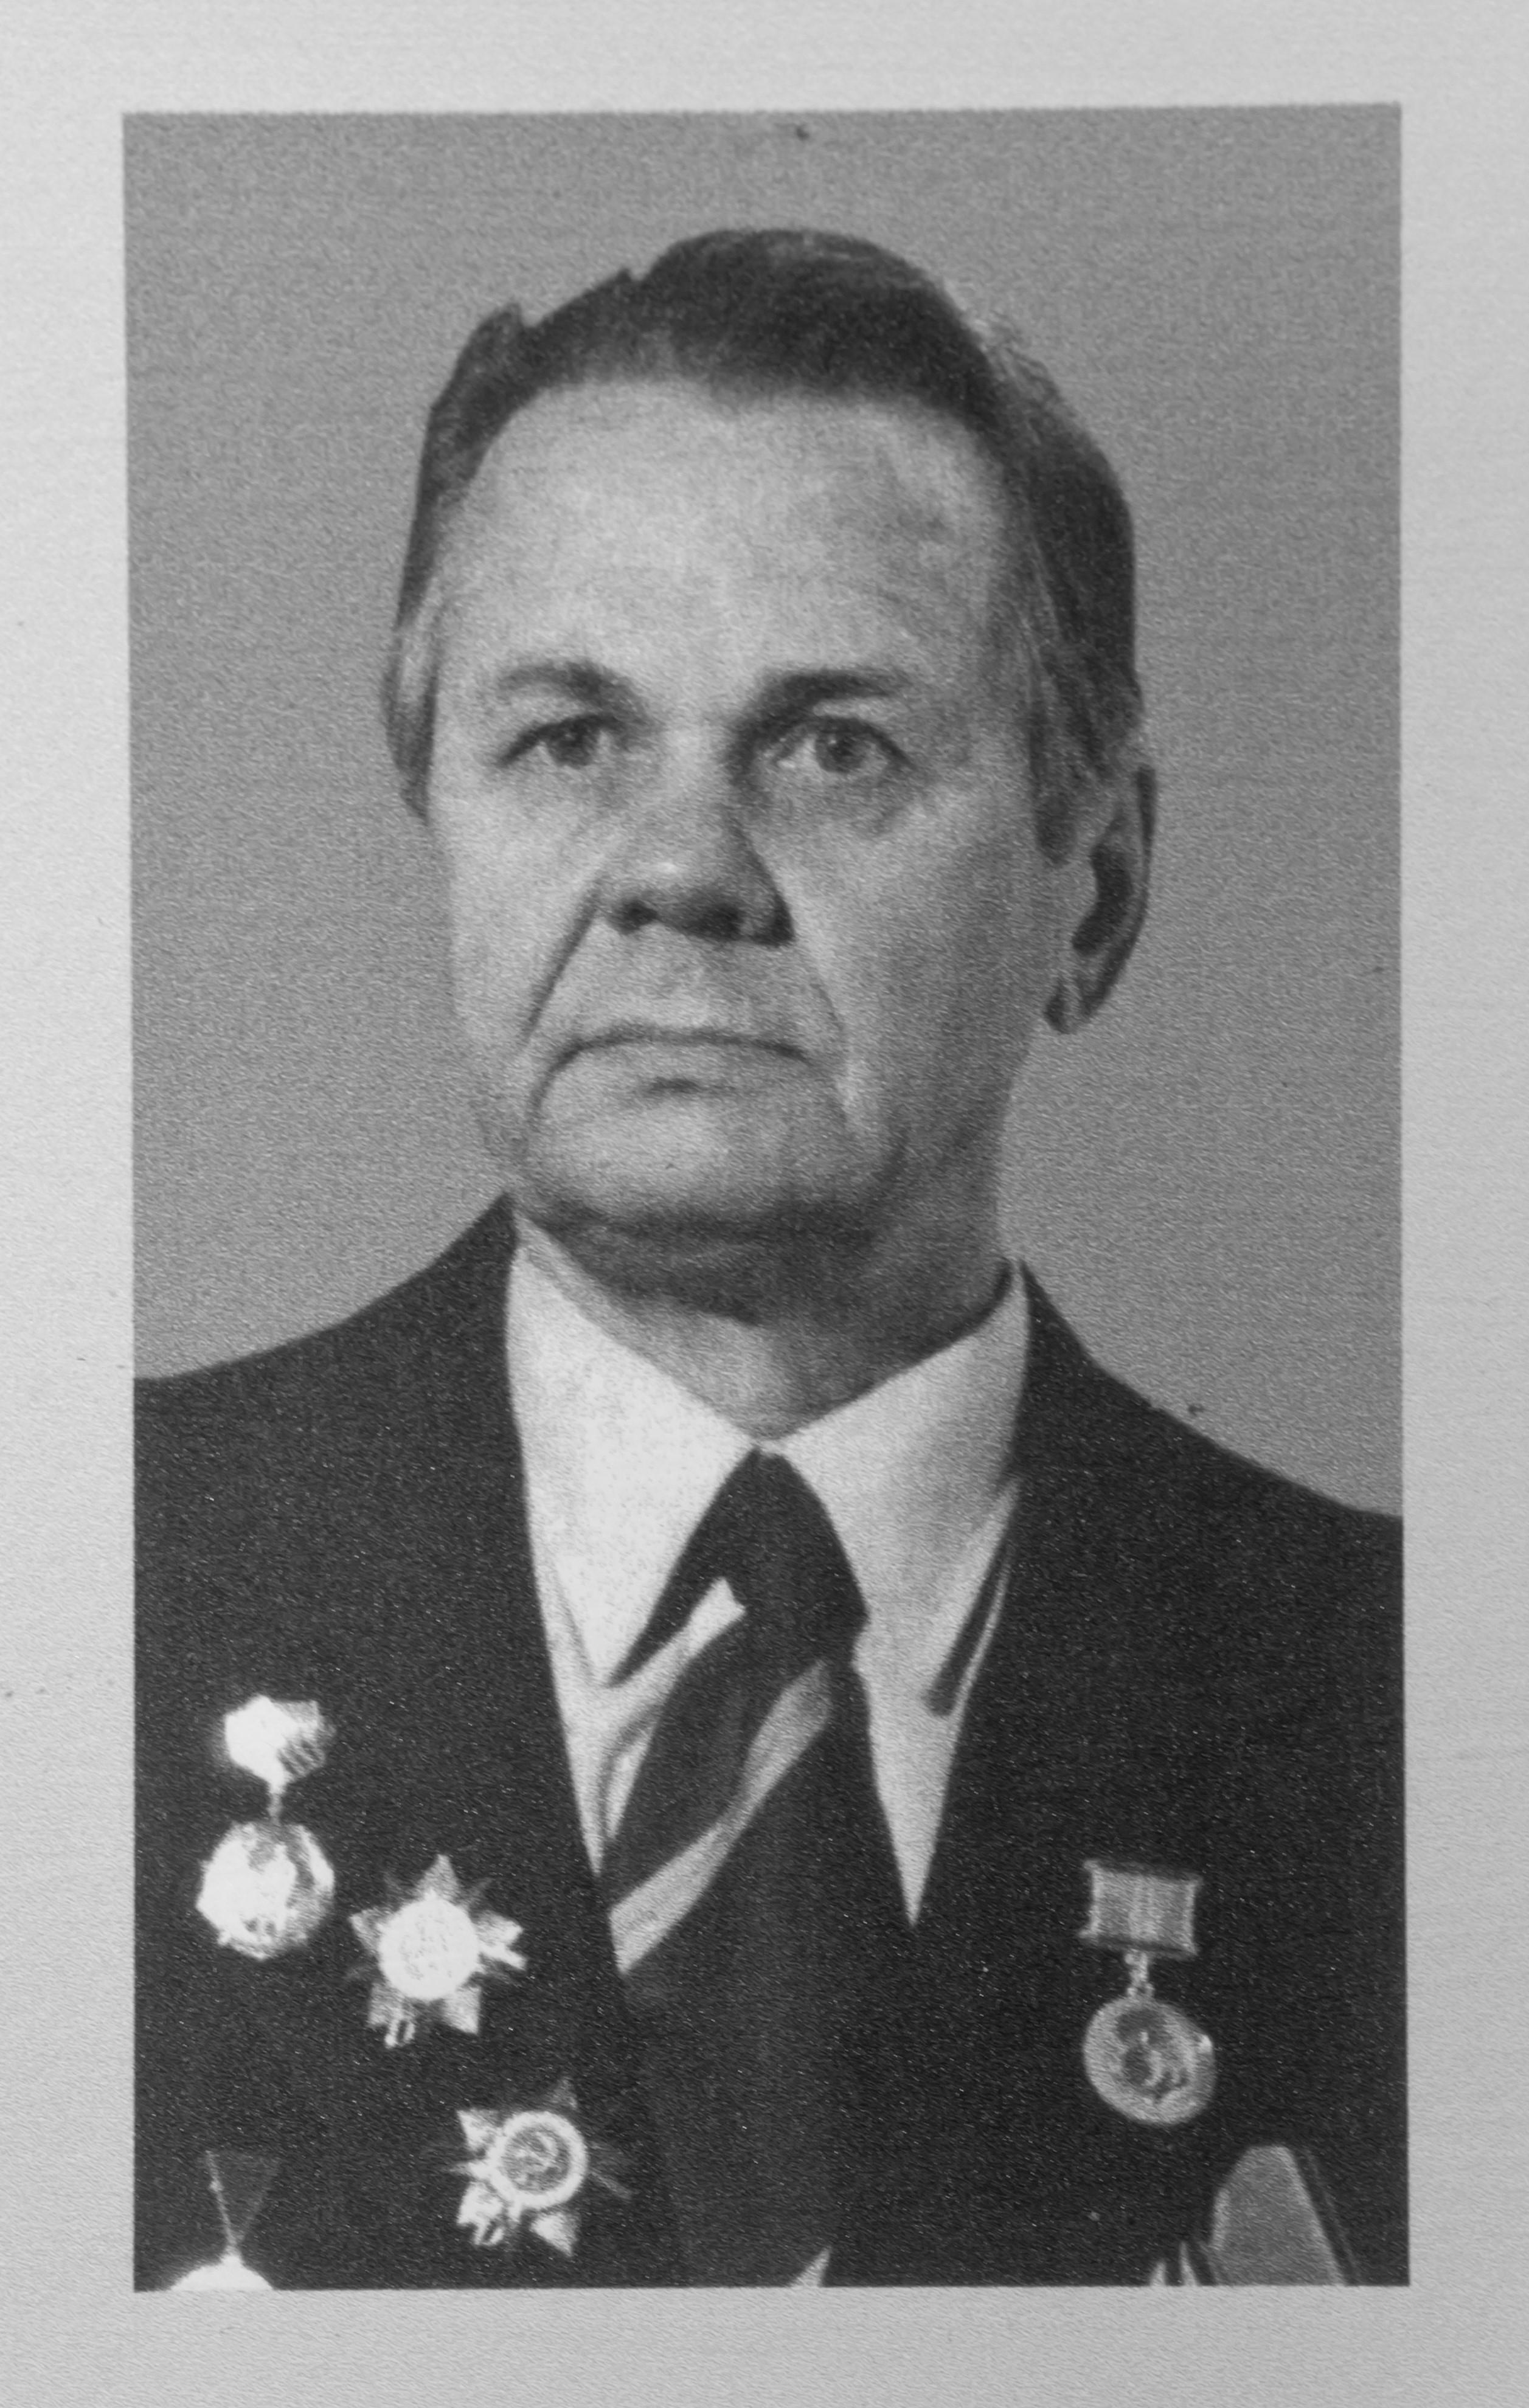 Серебряков Лев Евгеньевич